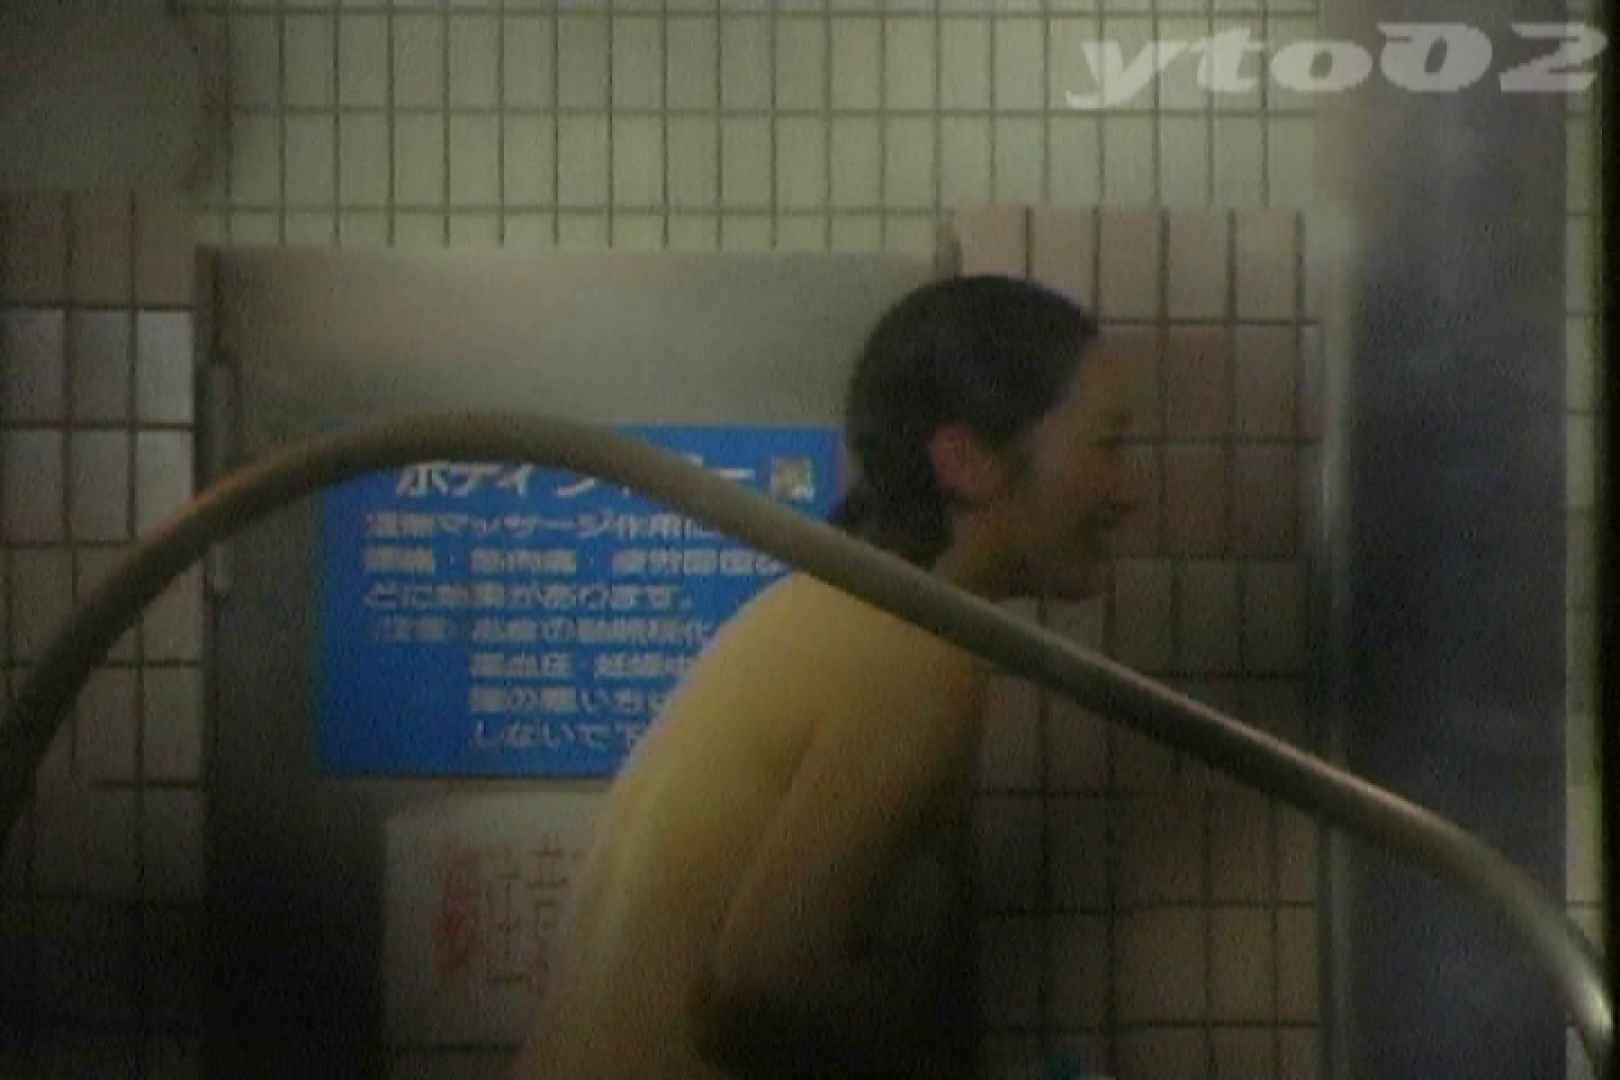 ▲復活限定▲合宿ホテル女風呂盗撮 Vol.12 盗撮編 セックス画像 103枚 52